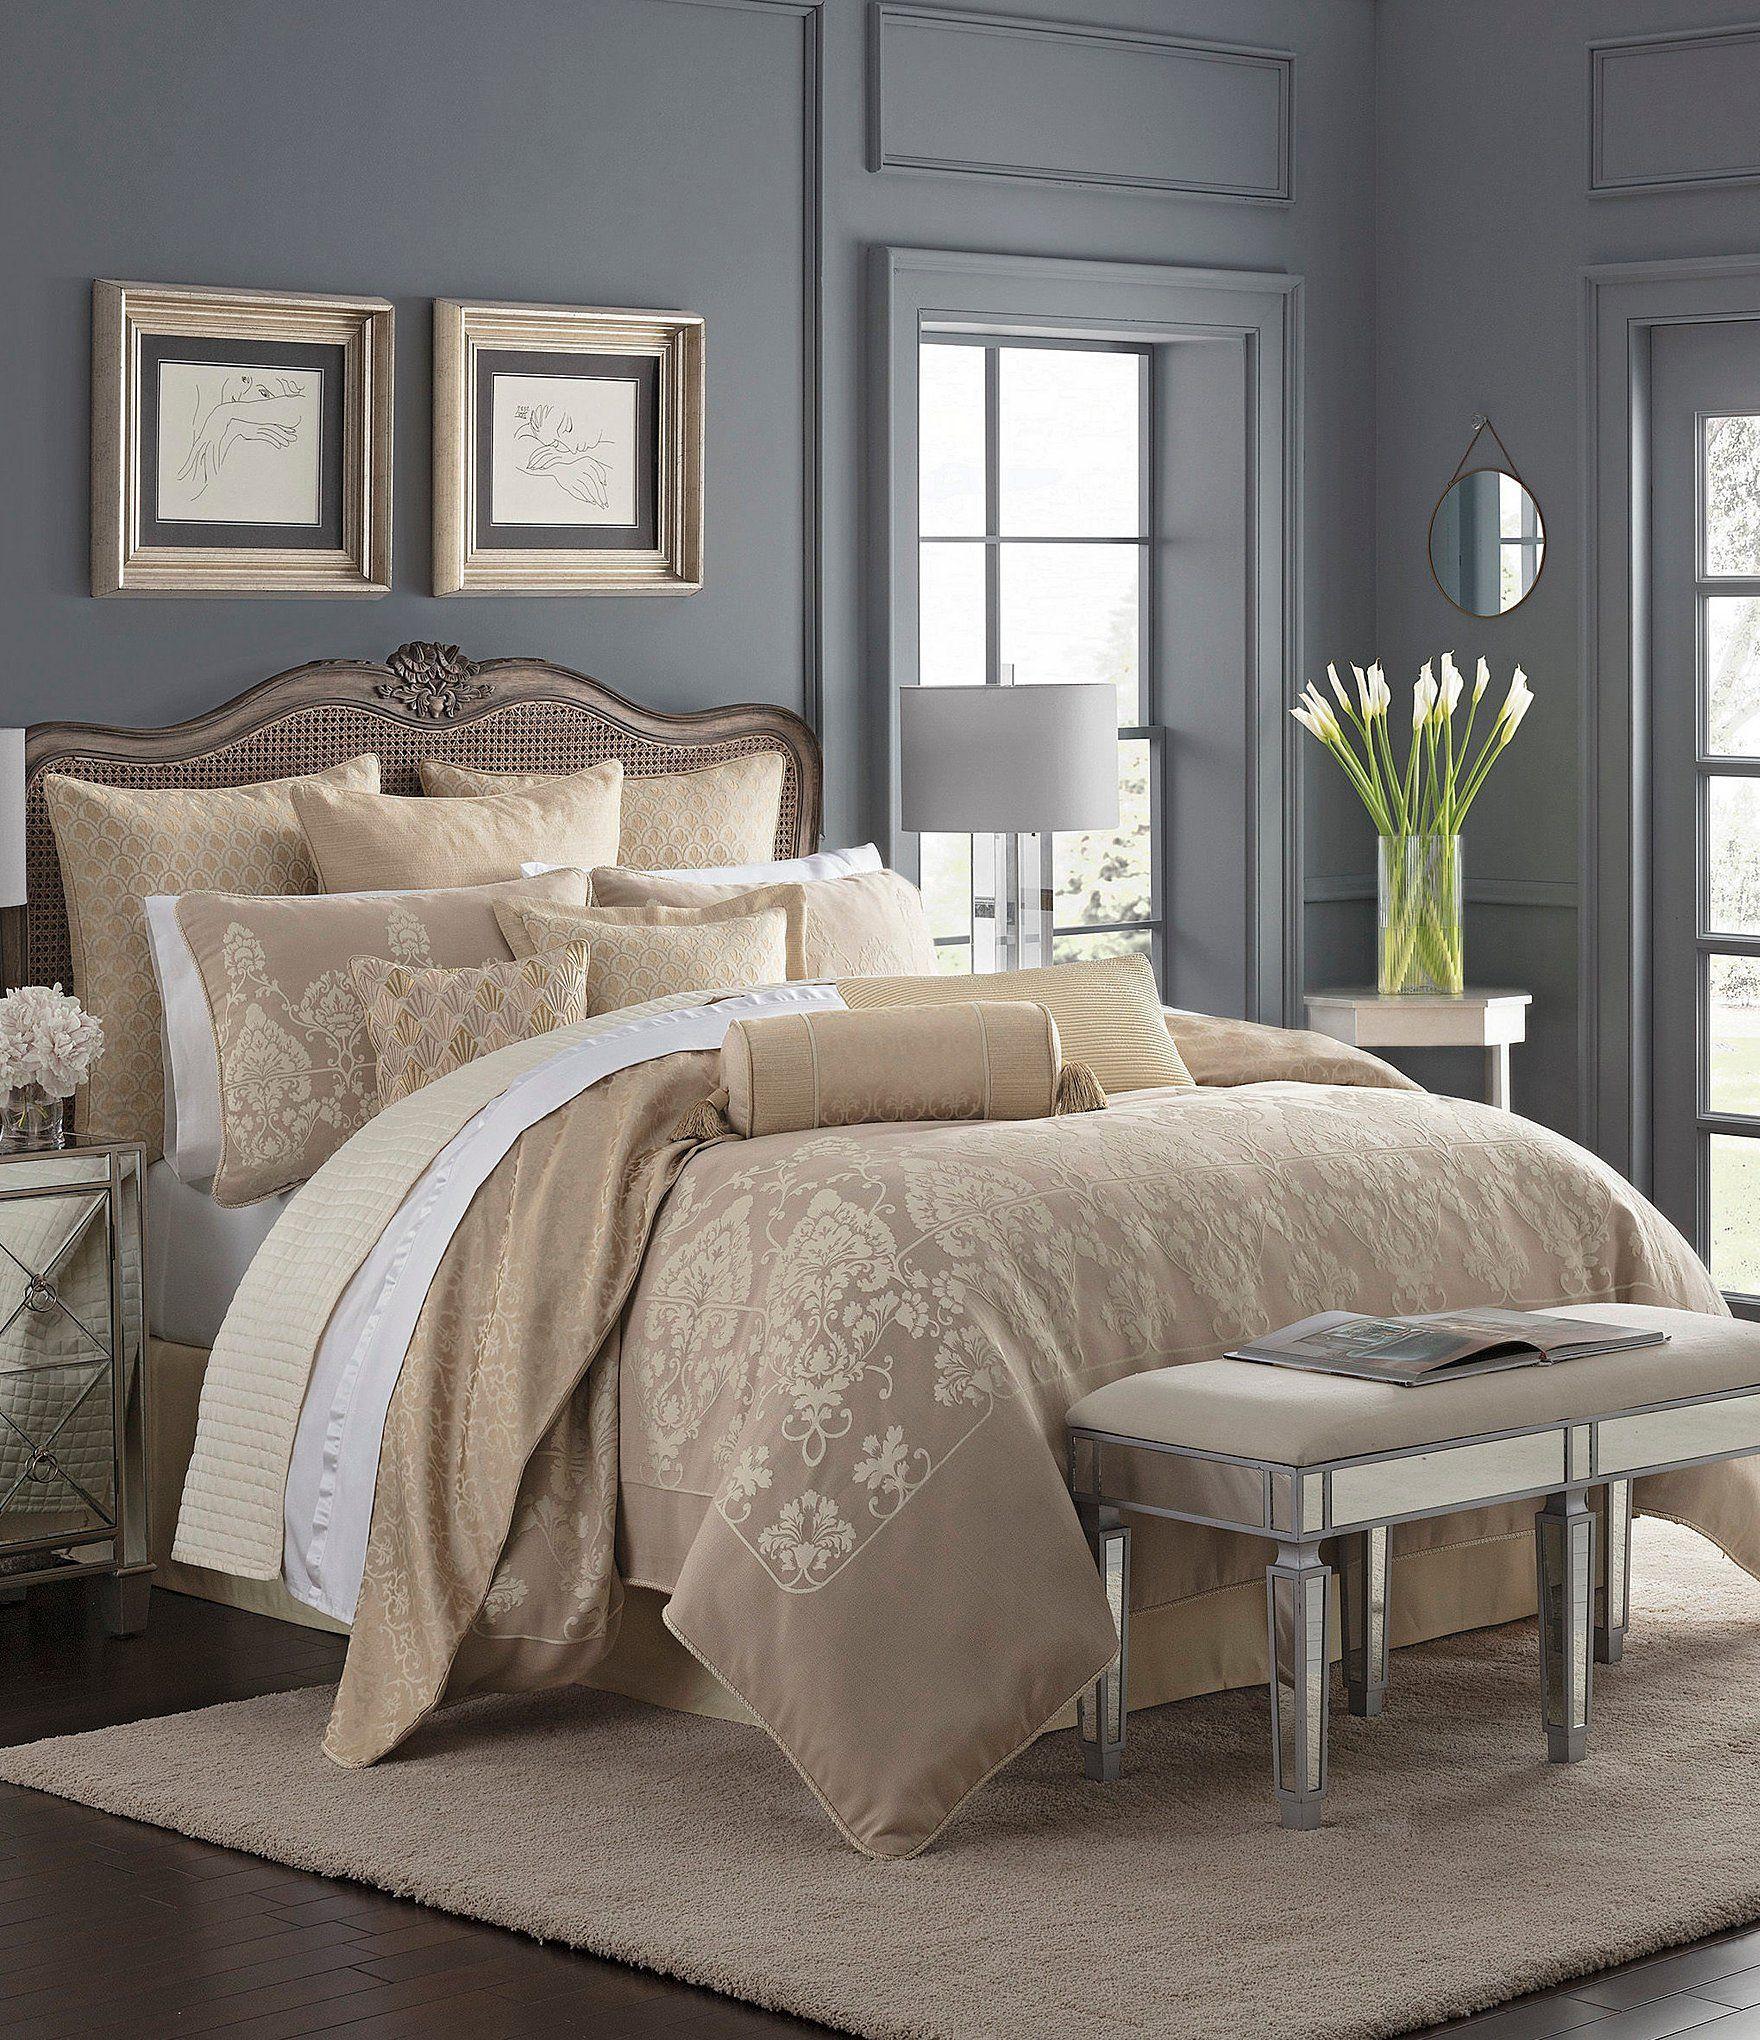 Pin On Bedroom Design Bedding Duvet Sets